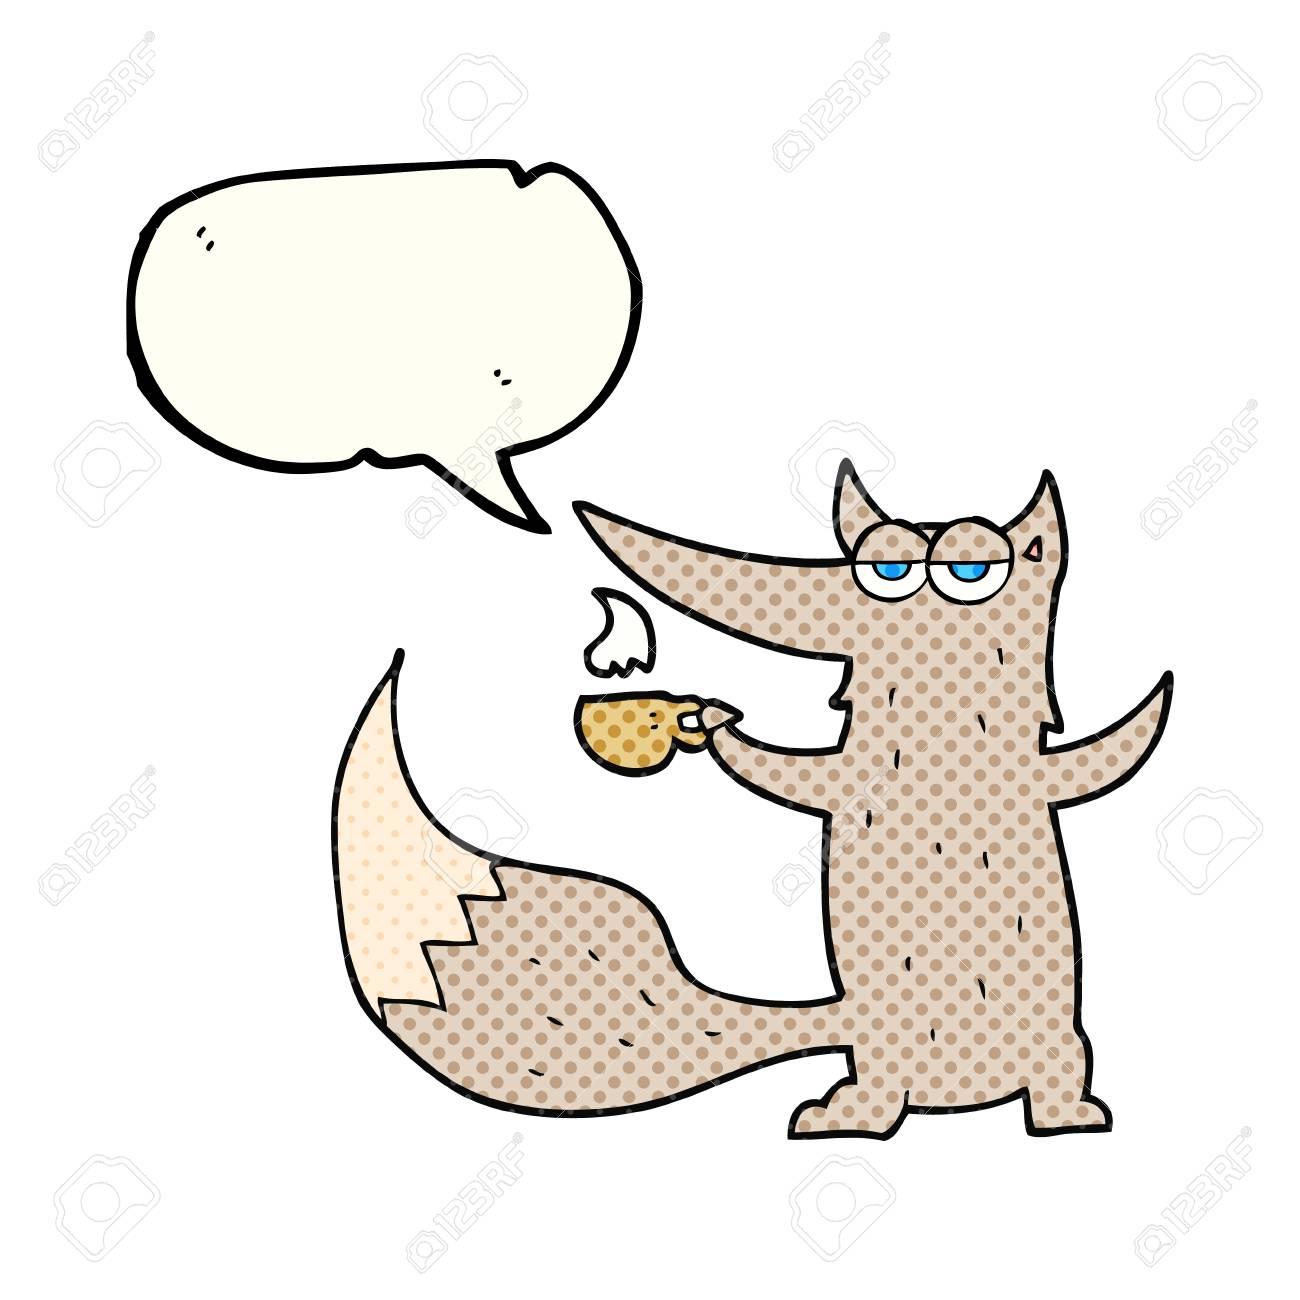 Freihändig Gezeichnet Comic Sprechblase Cartoon Wolf Mit Kaffeetasse